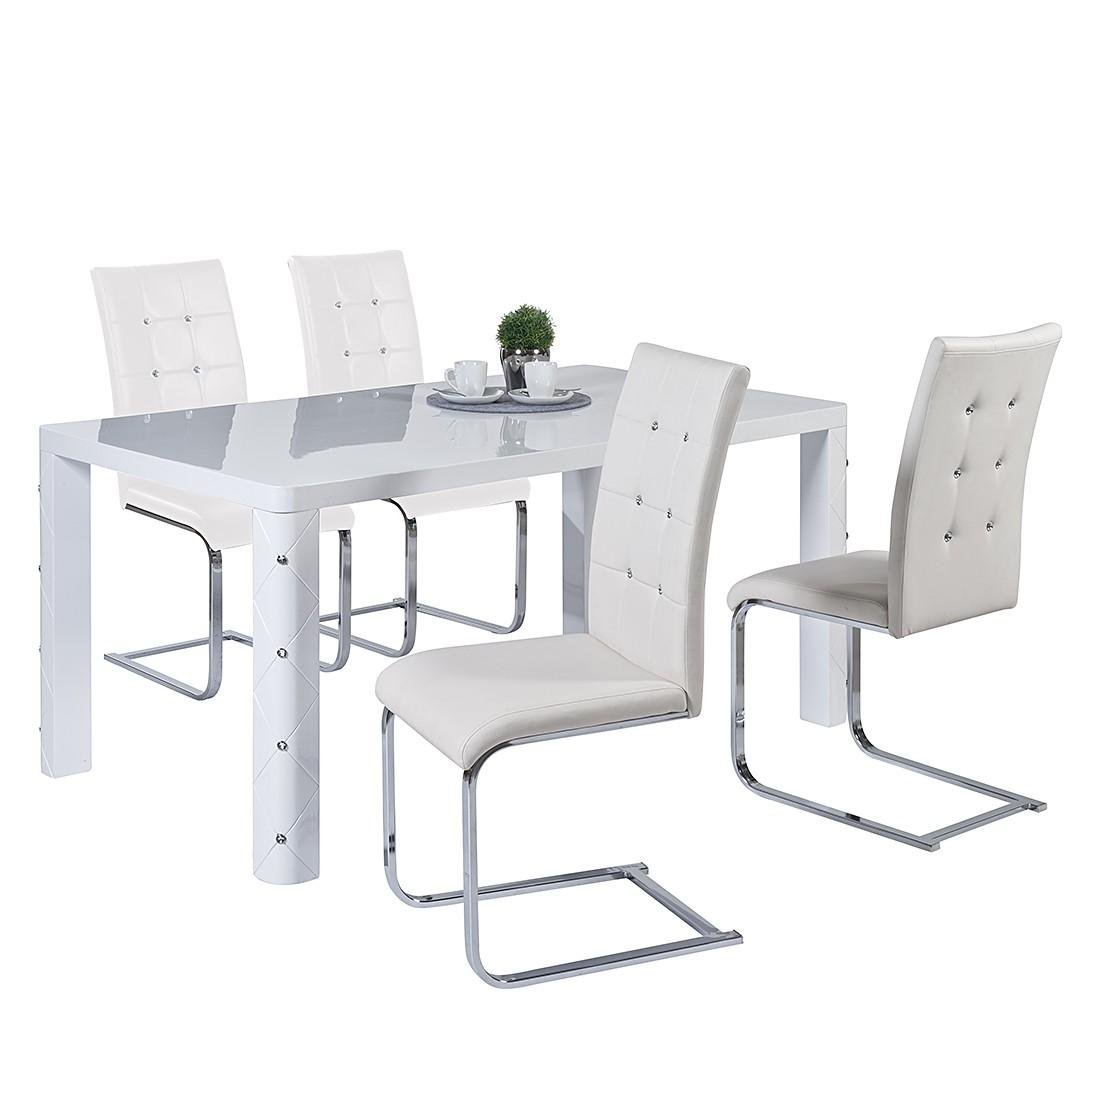 Essgruppe Lagos - Mit Esstisch & 4 Stühlen in Diamantoptik - Weiß